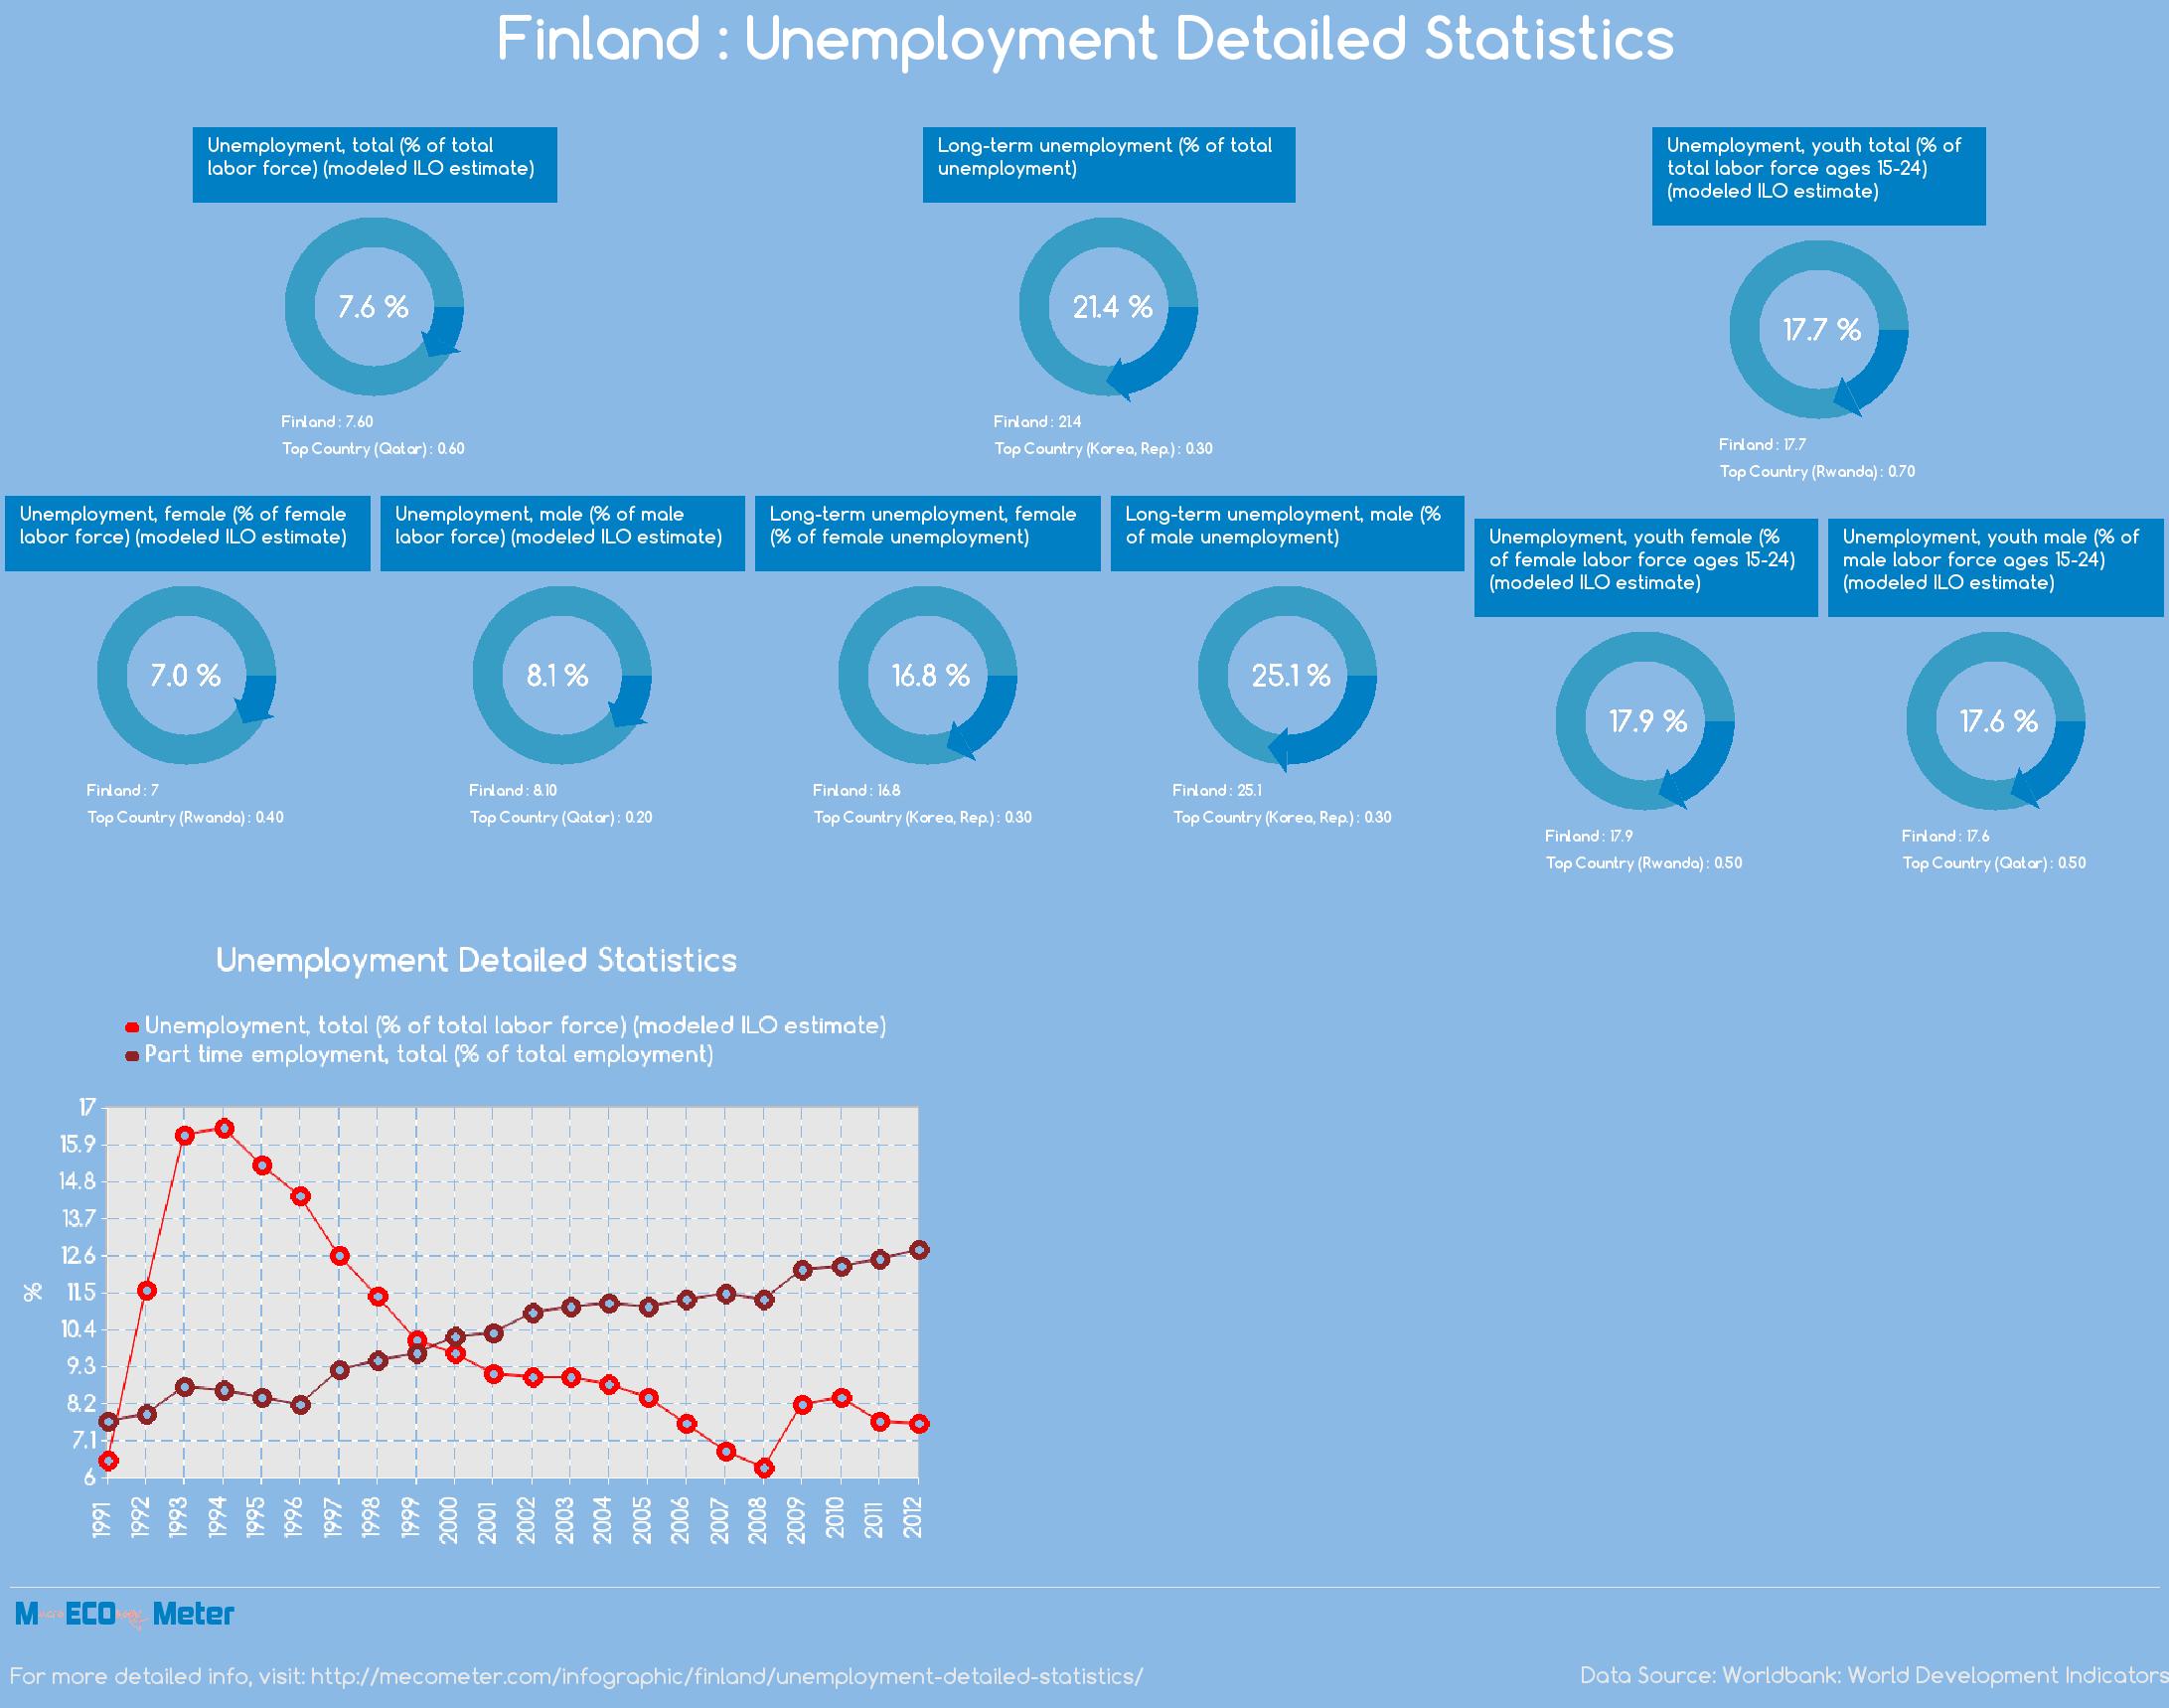 Finland : Unemployment Detailed Statistics